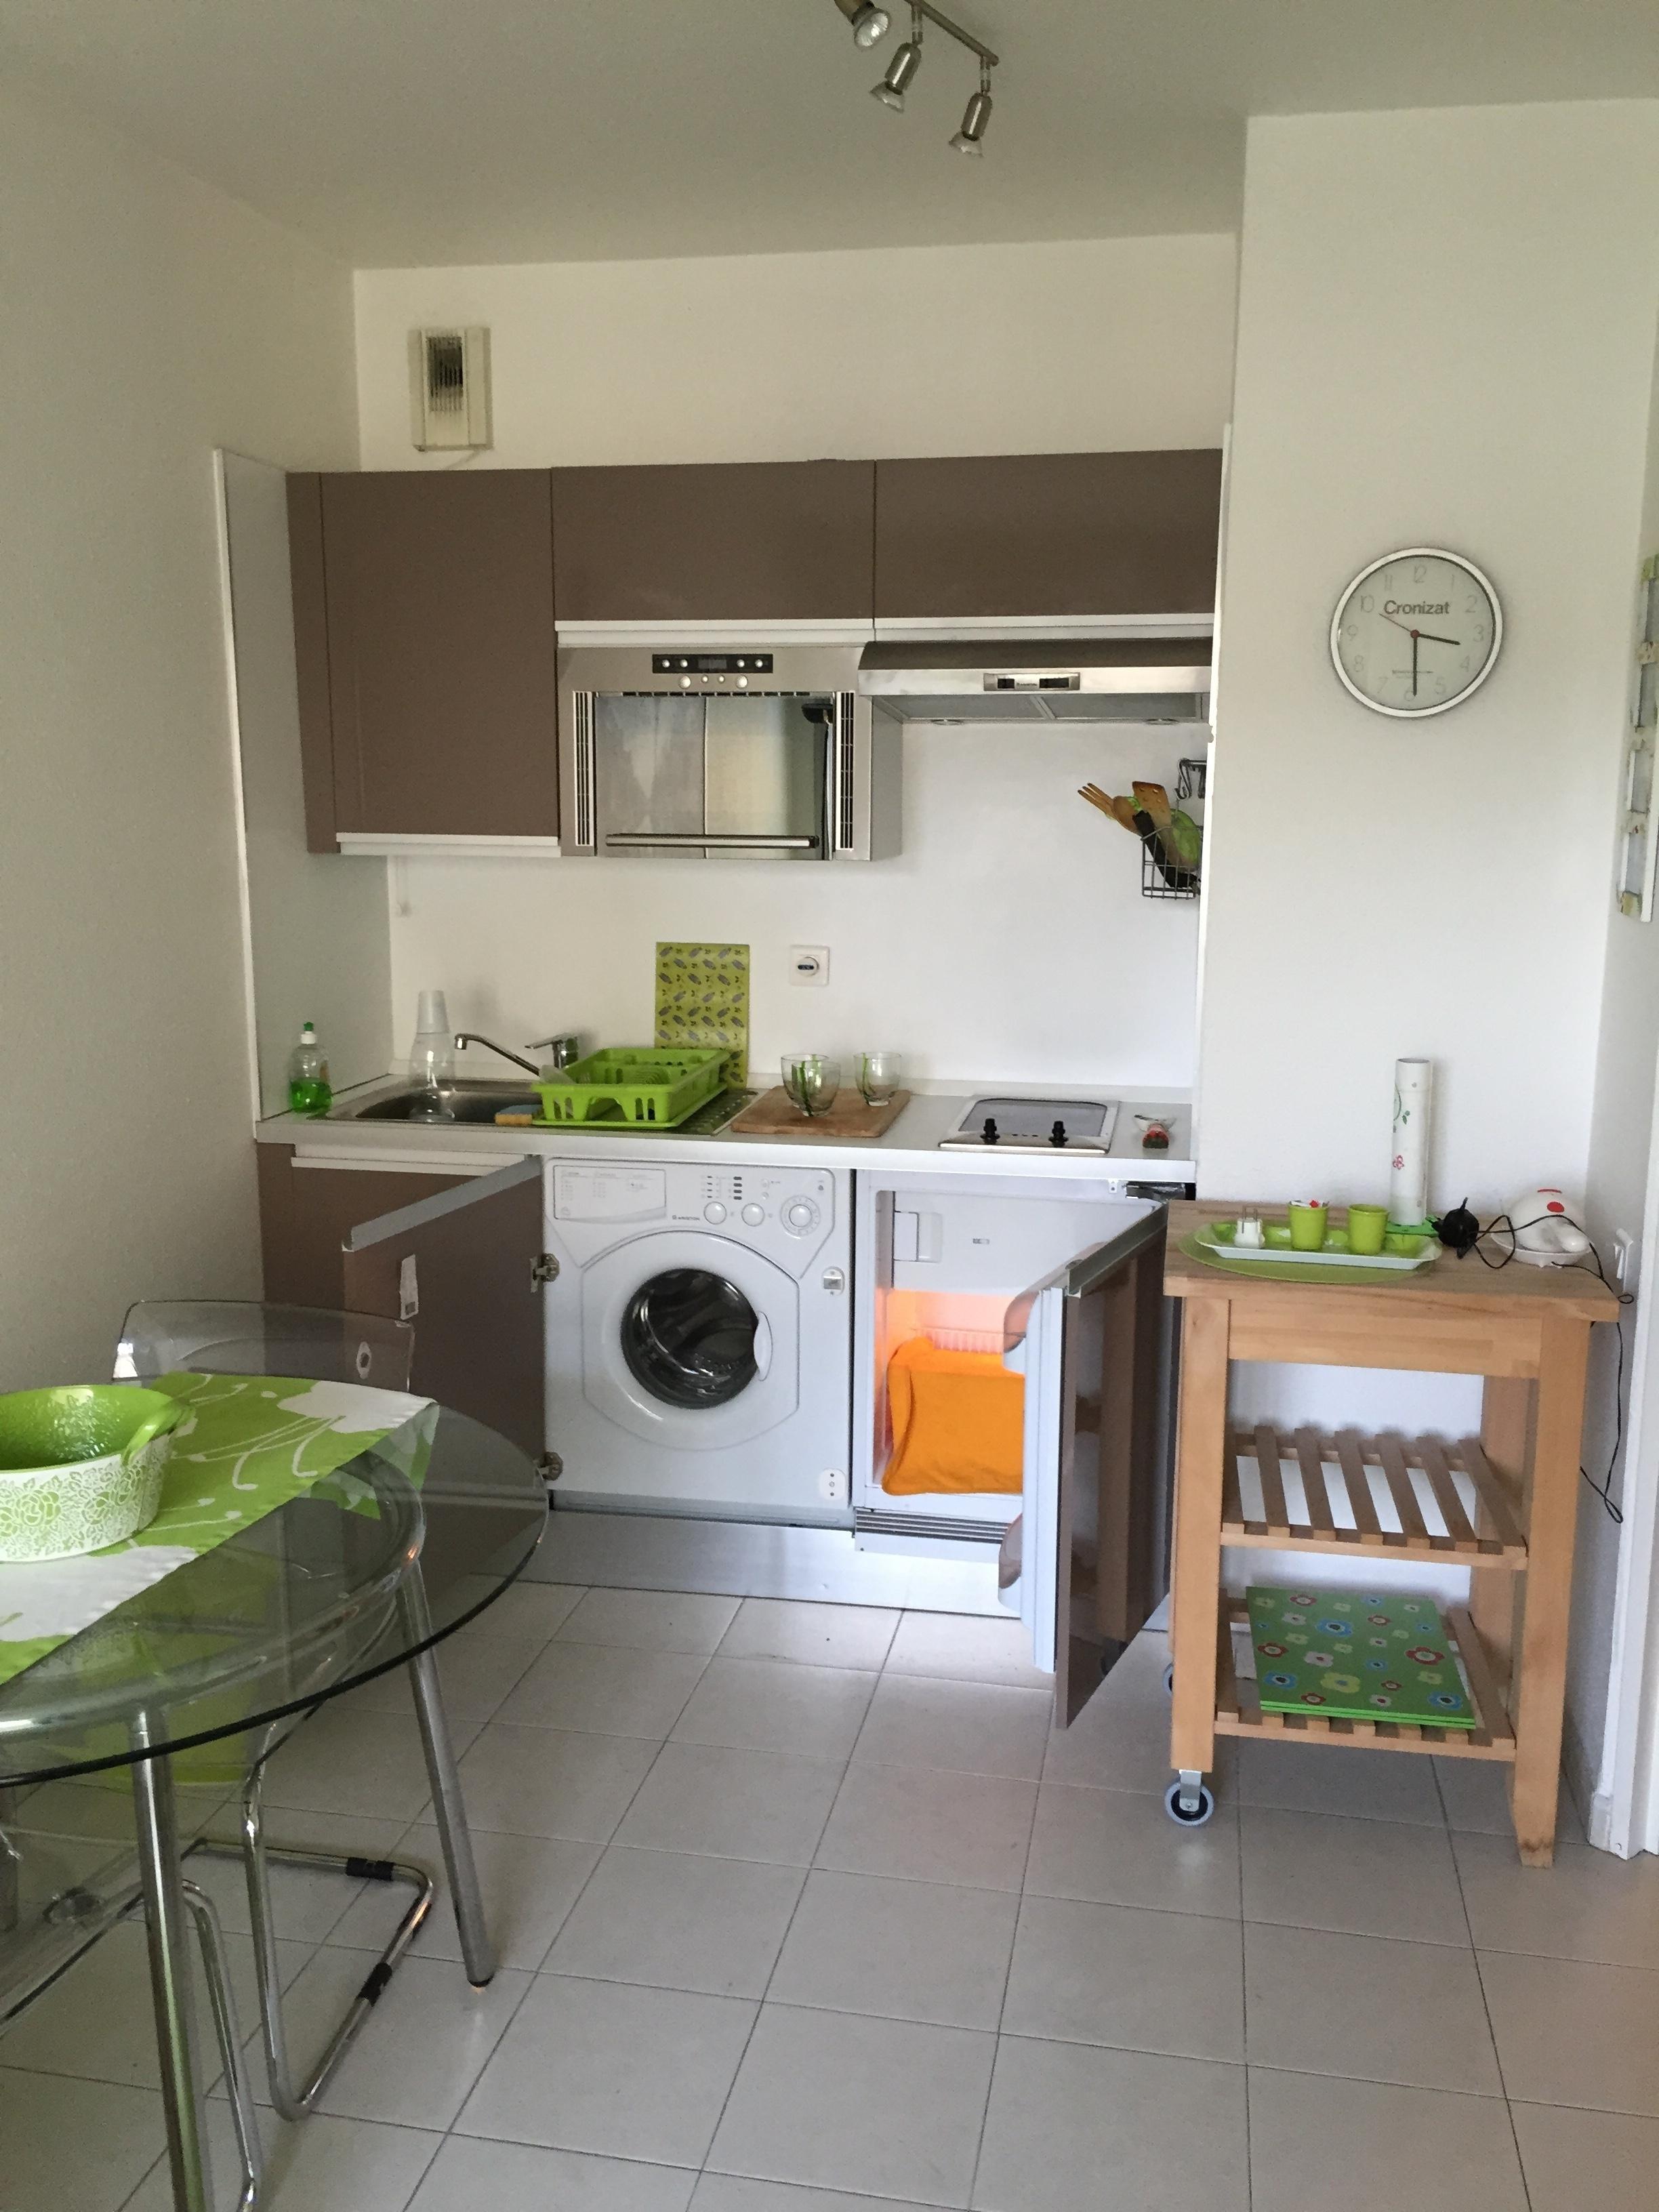 cuisine équipée de l'appartement